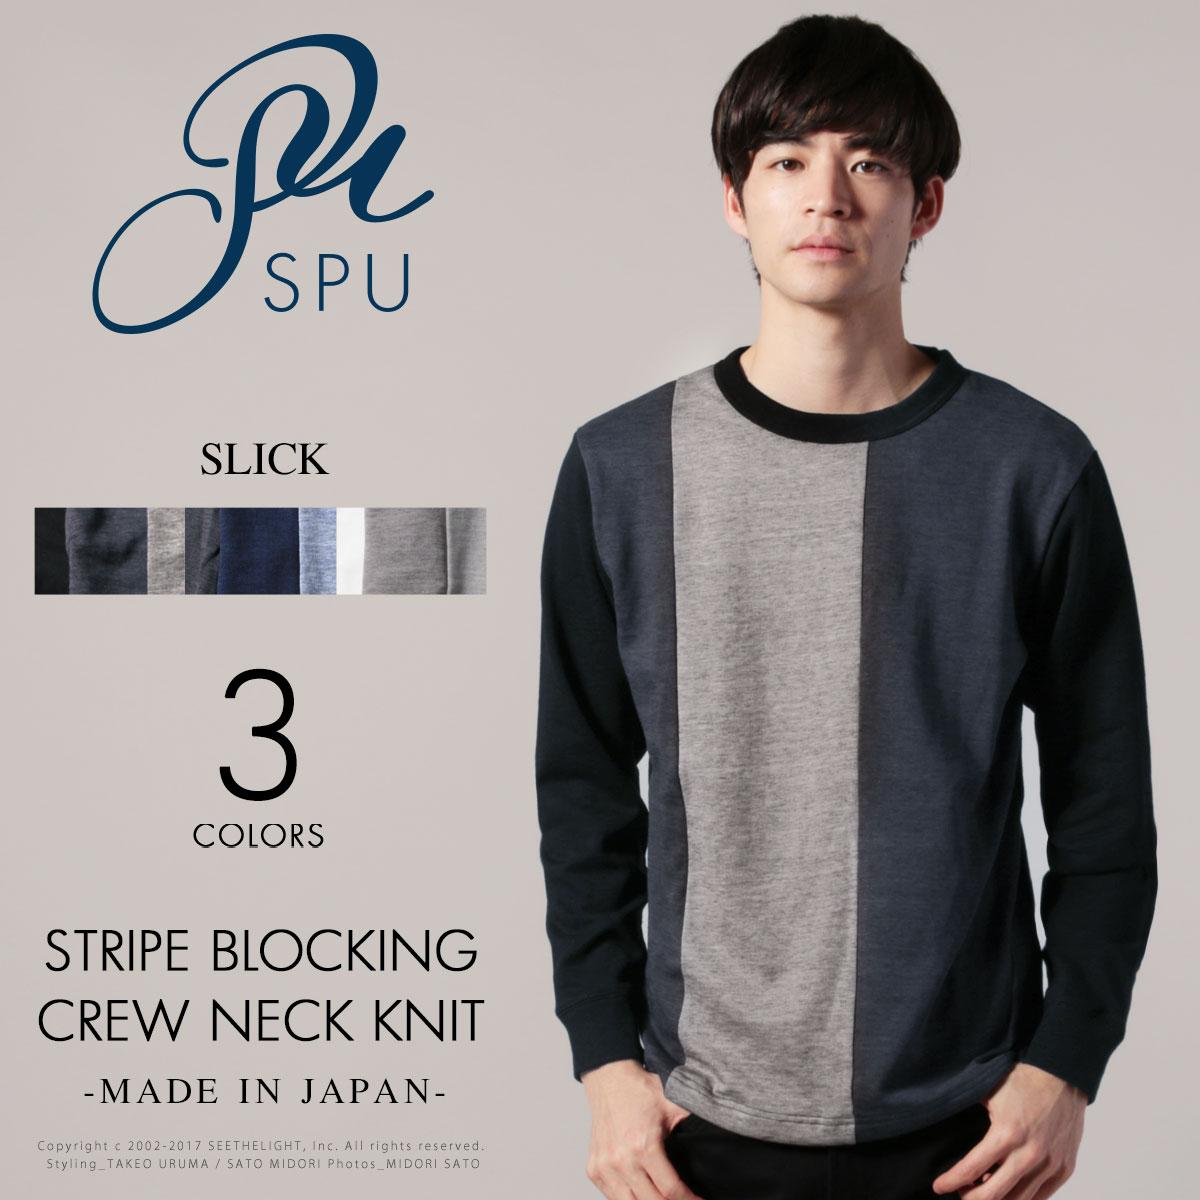 【セール対象】メンズ ニットソー 日本製 ストライプ ブロッキング 長袖 クルー ネック ニットソー 裏毛 SLICK スリック